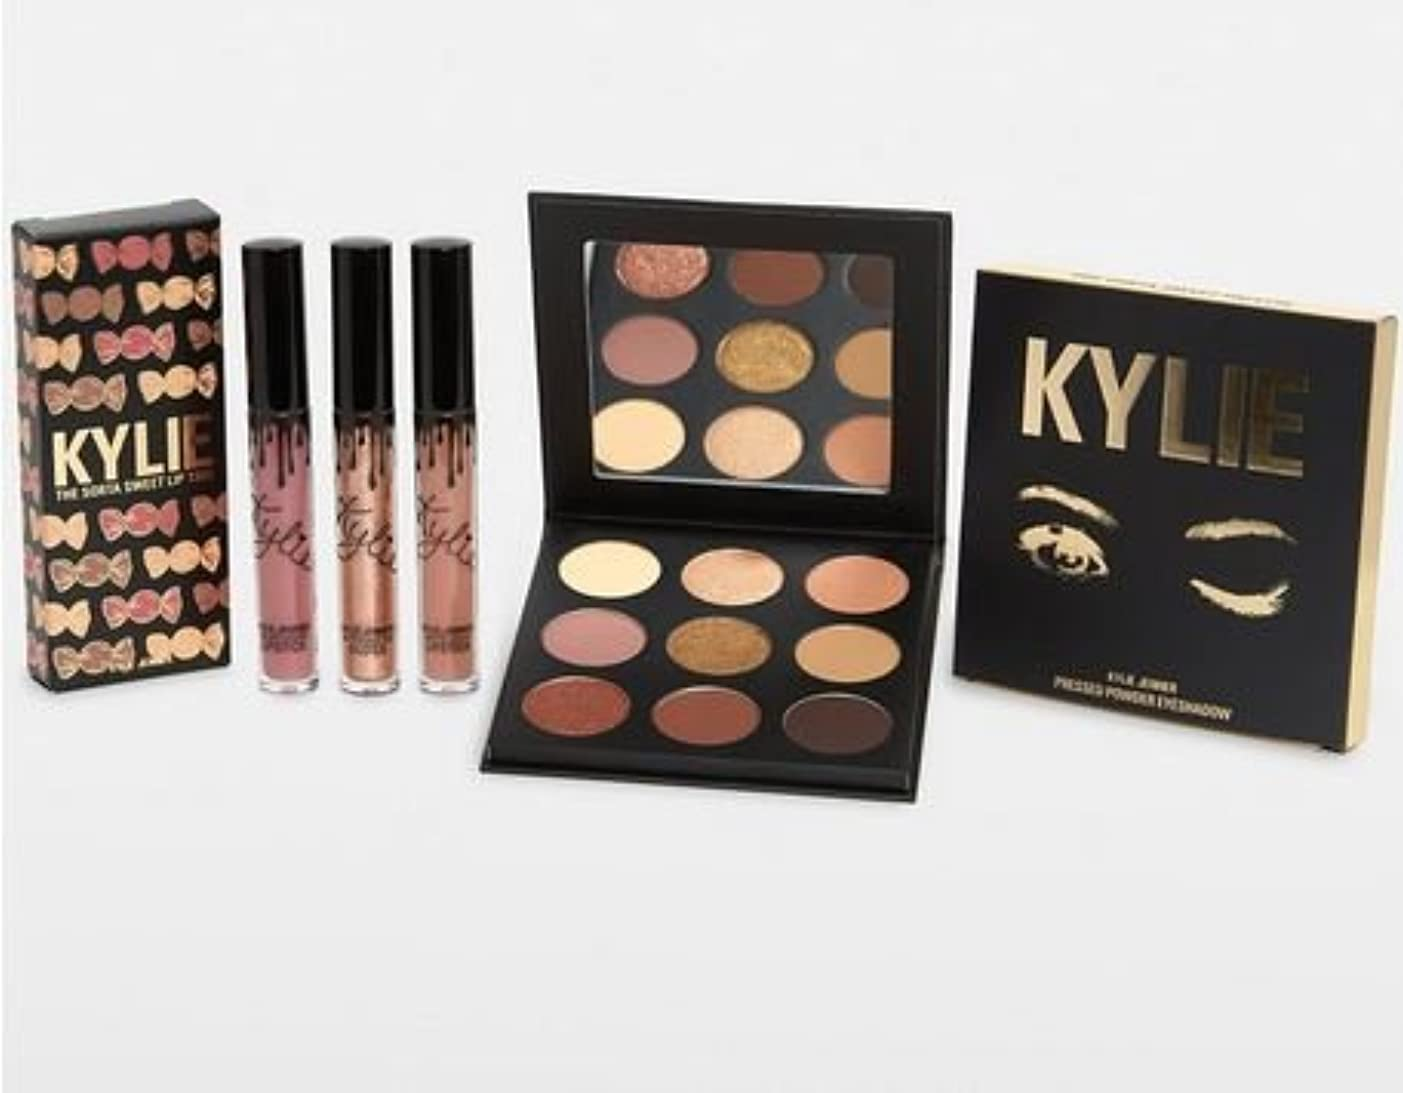 パパパパ施設Kylie Cosmetics The Sorta Sweet Bundle シャドウパレットとリップのセット